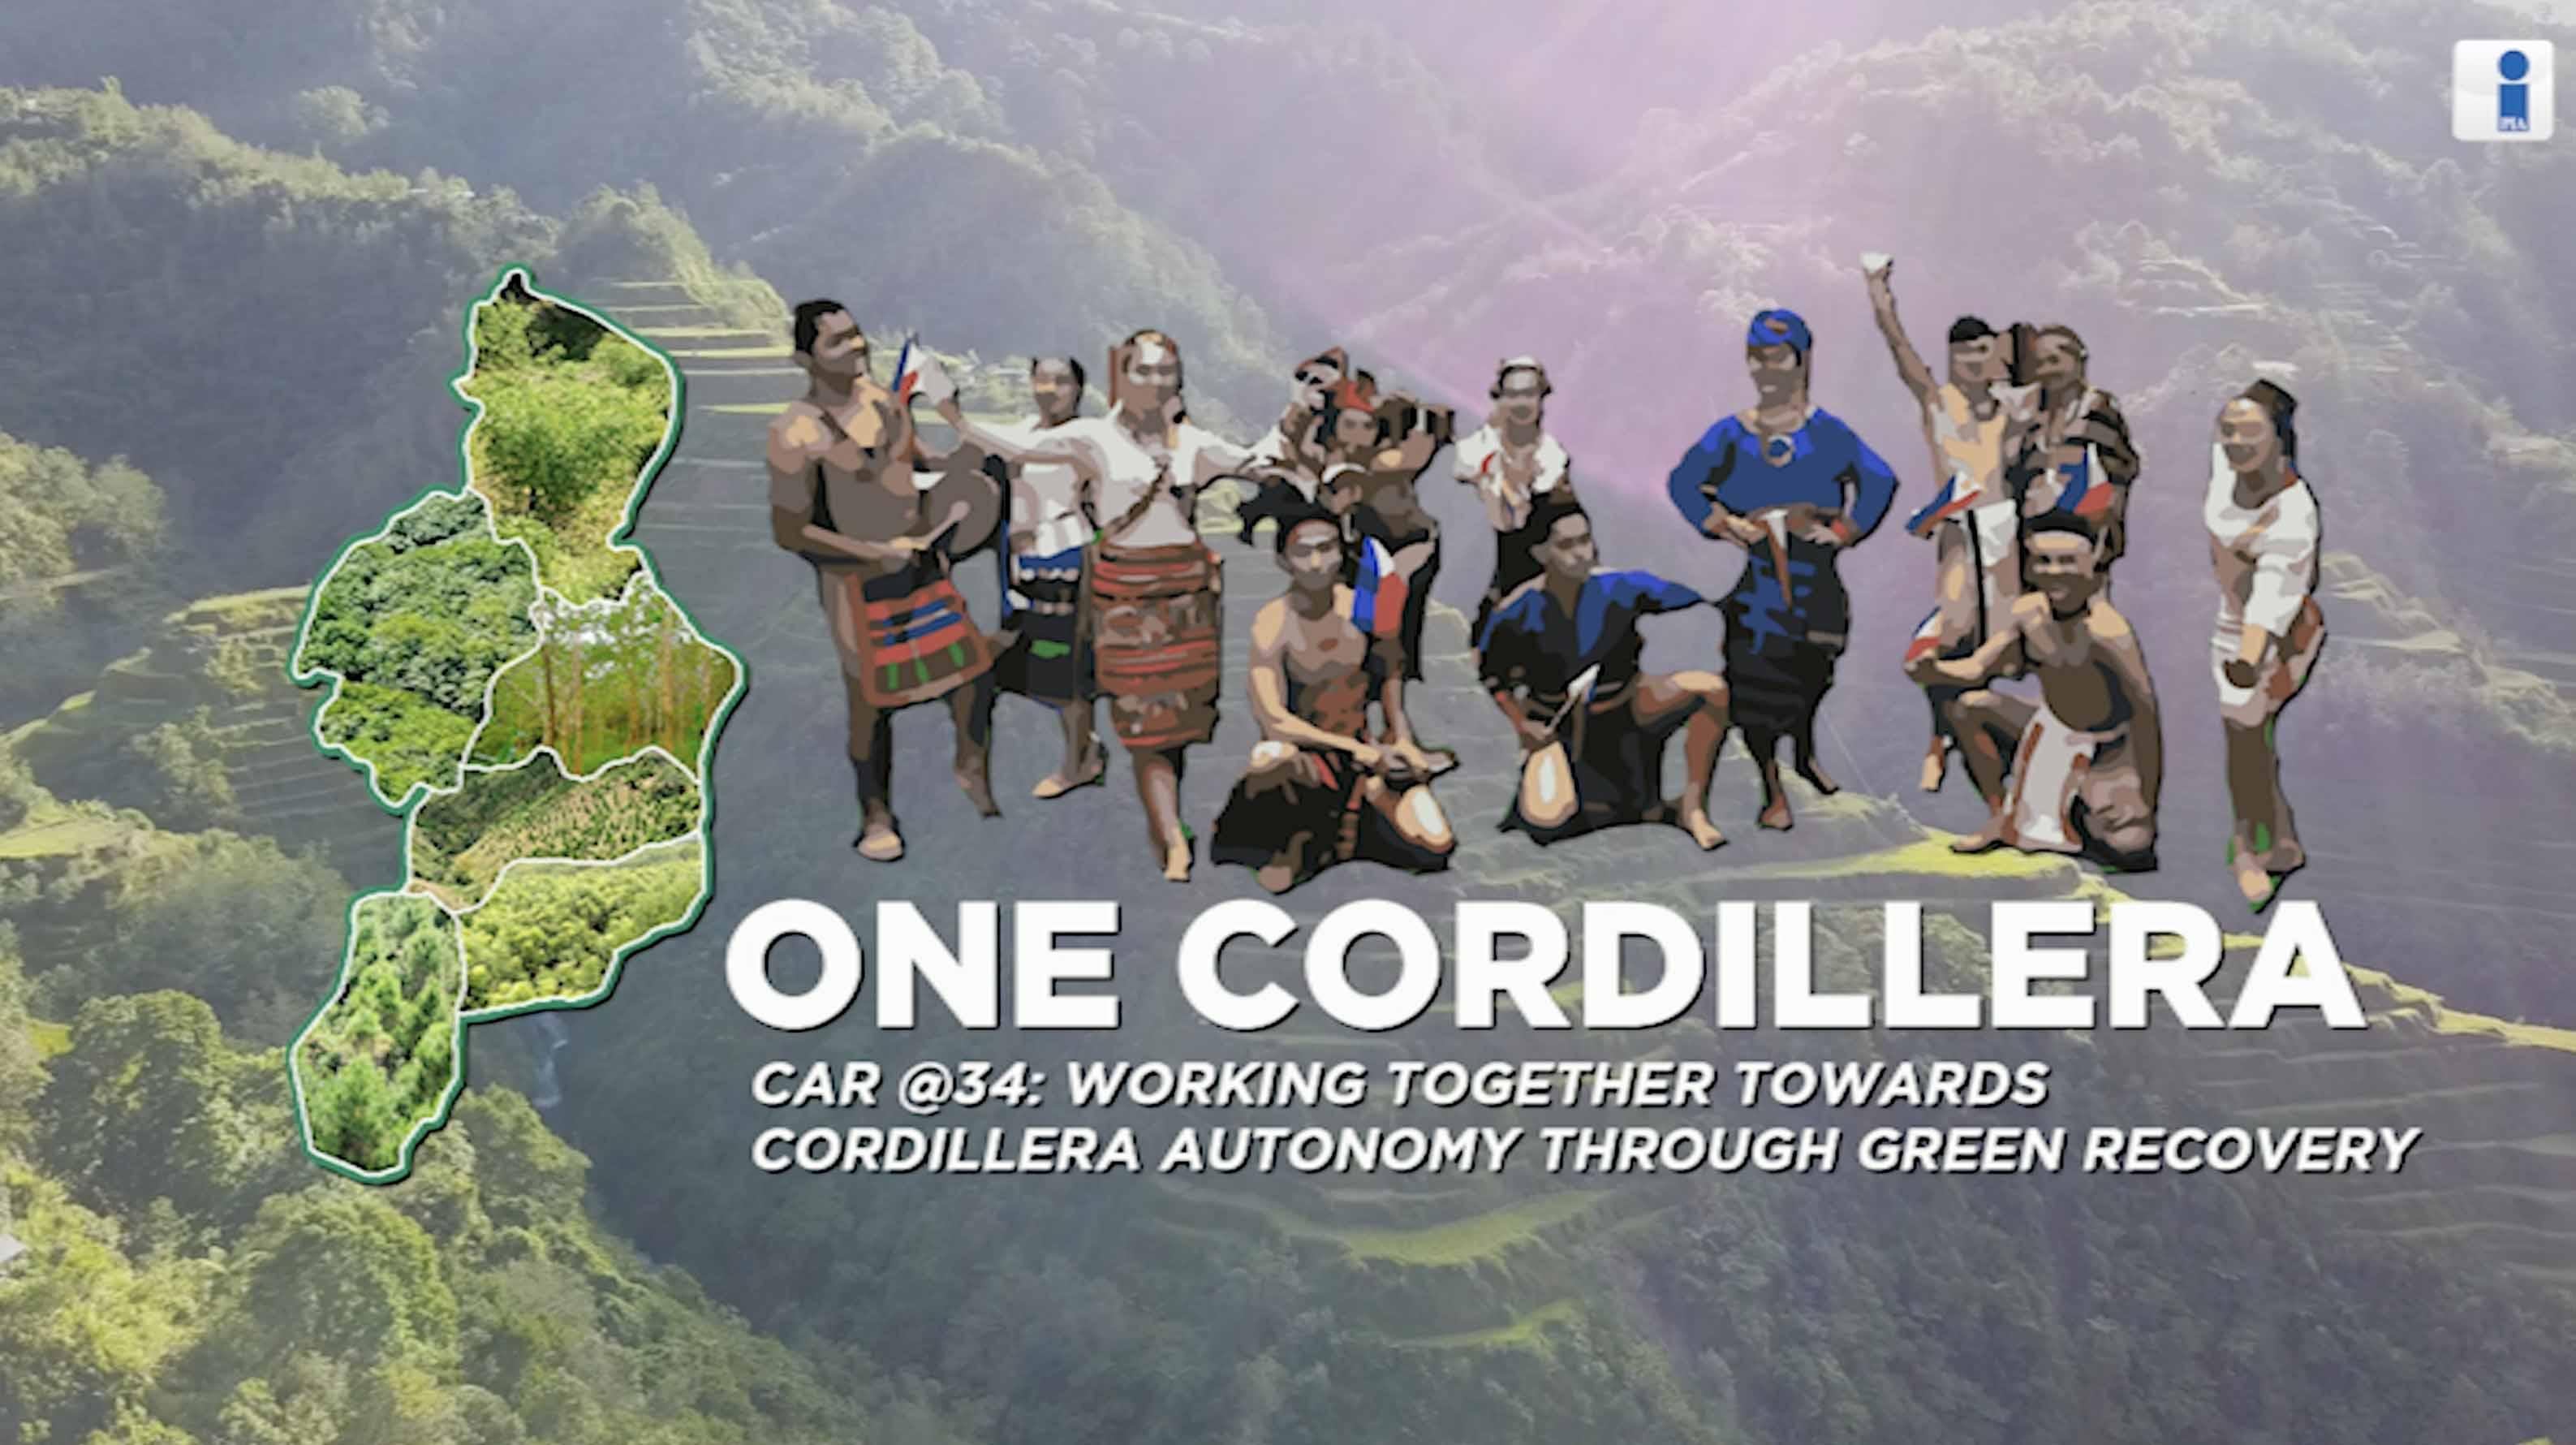 Cordillera Day Celebration 2021